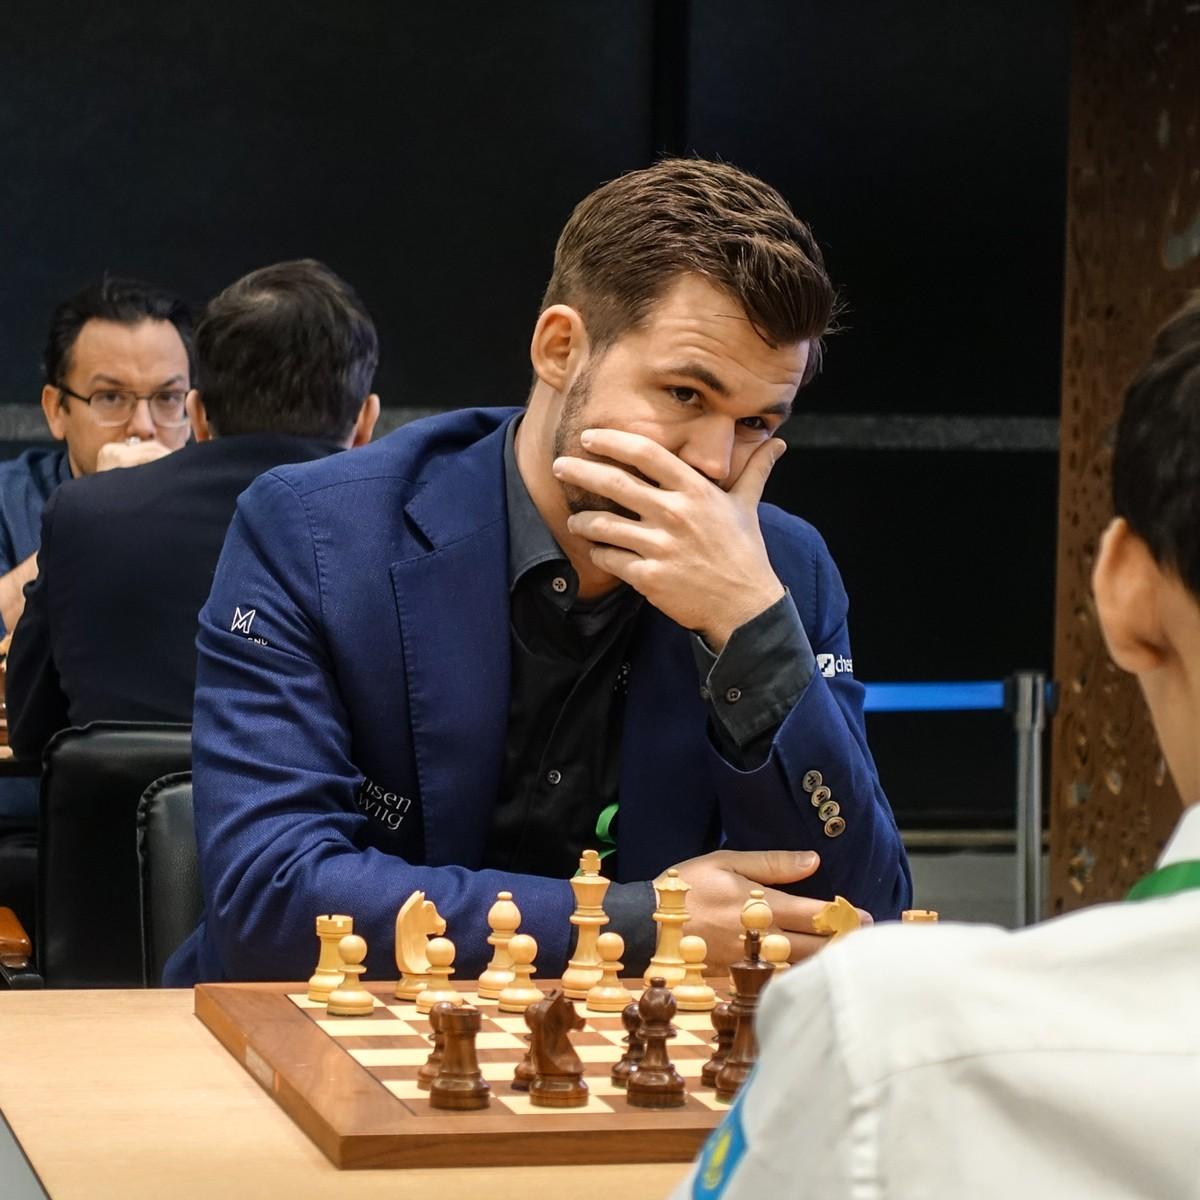 Carlsen Gjorde Kjempetabbe Sa Reddet Han Finaleplass Pa Utrolig Vis Nrk Sport Sportsnyheter Resultater Og Sendeplan